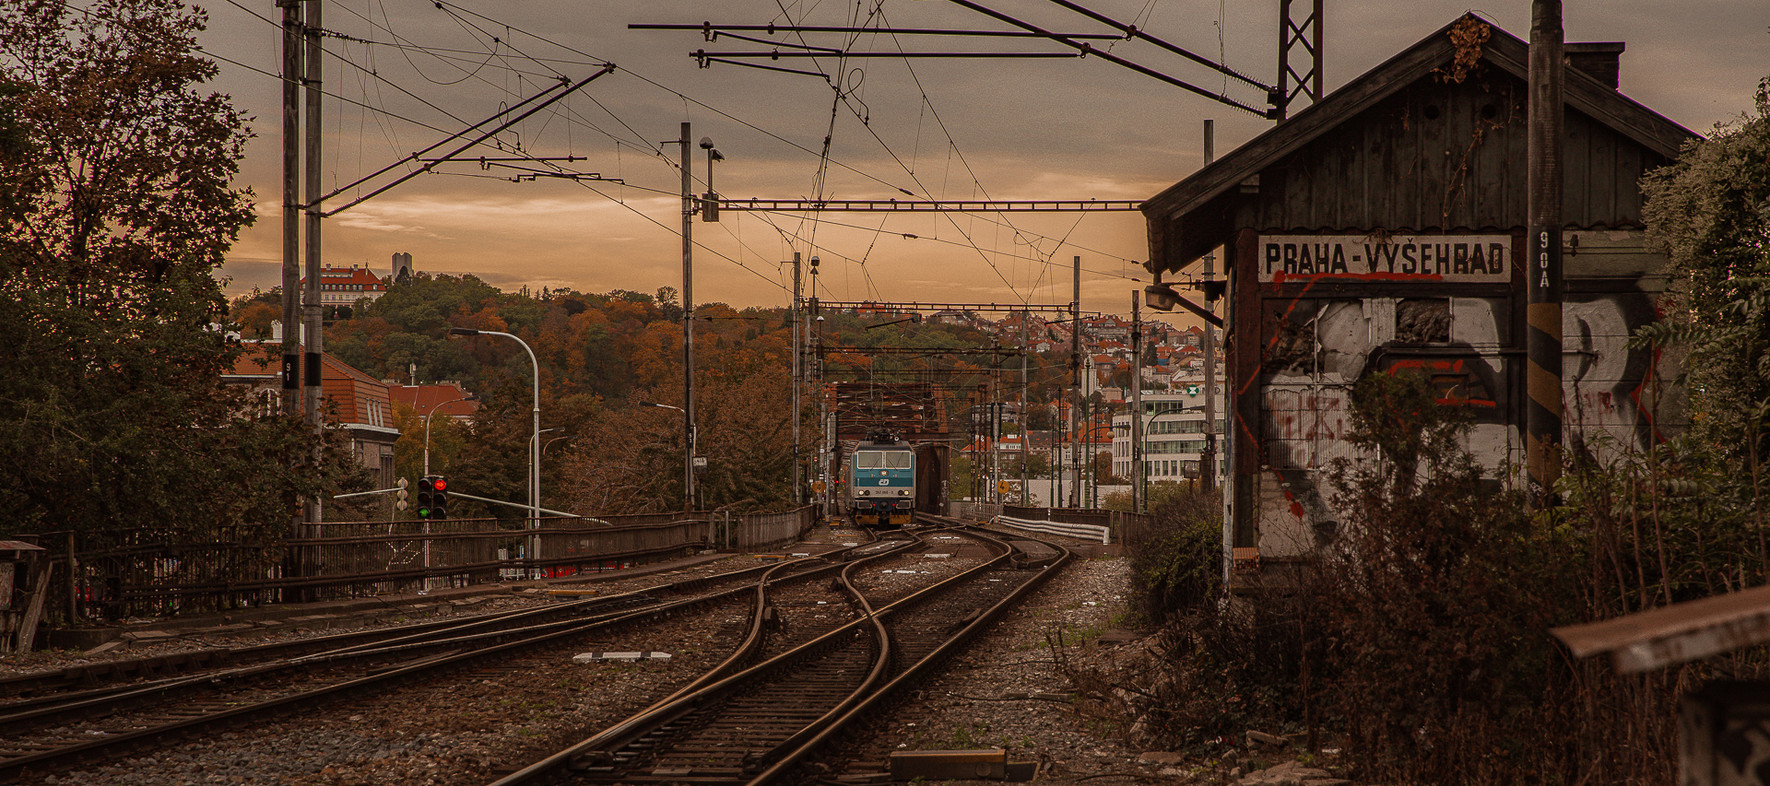 TKPA-Praha201910-0533-HDWH.jpg